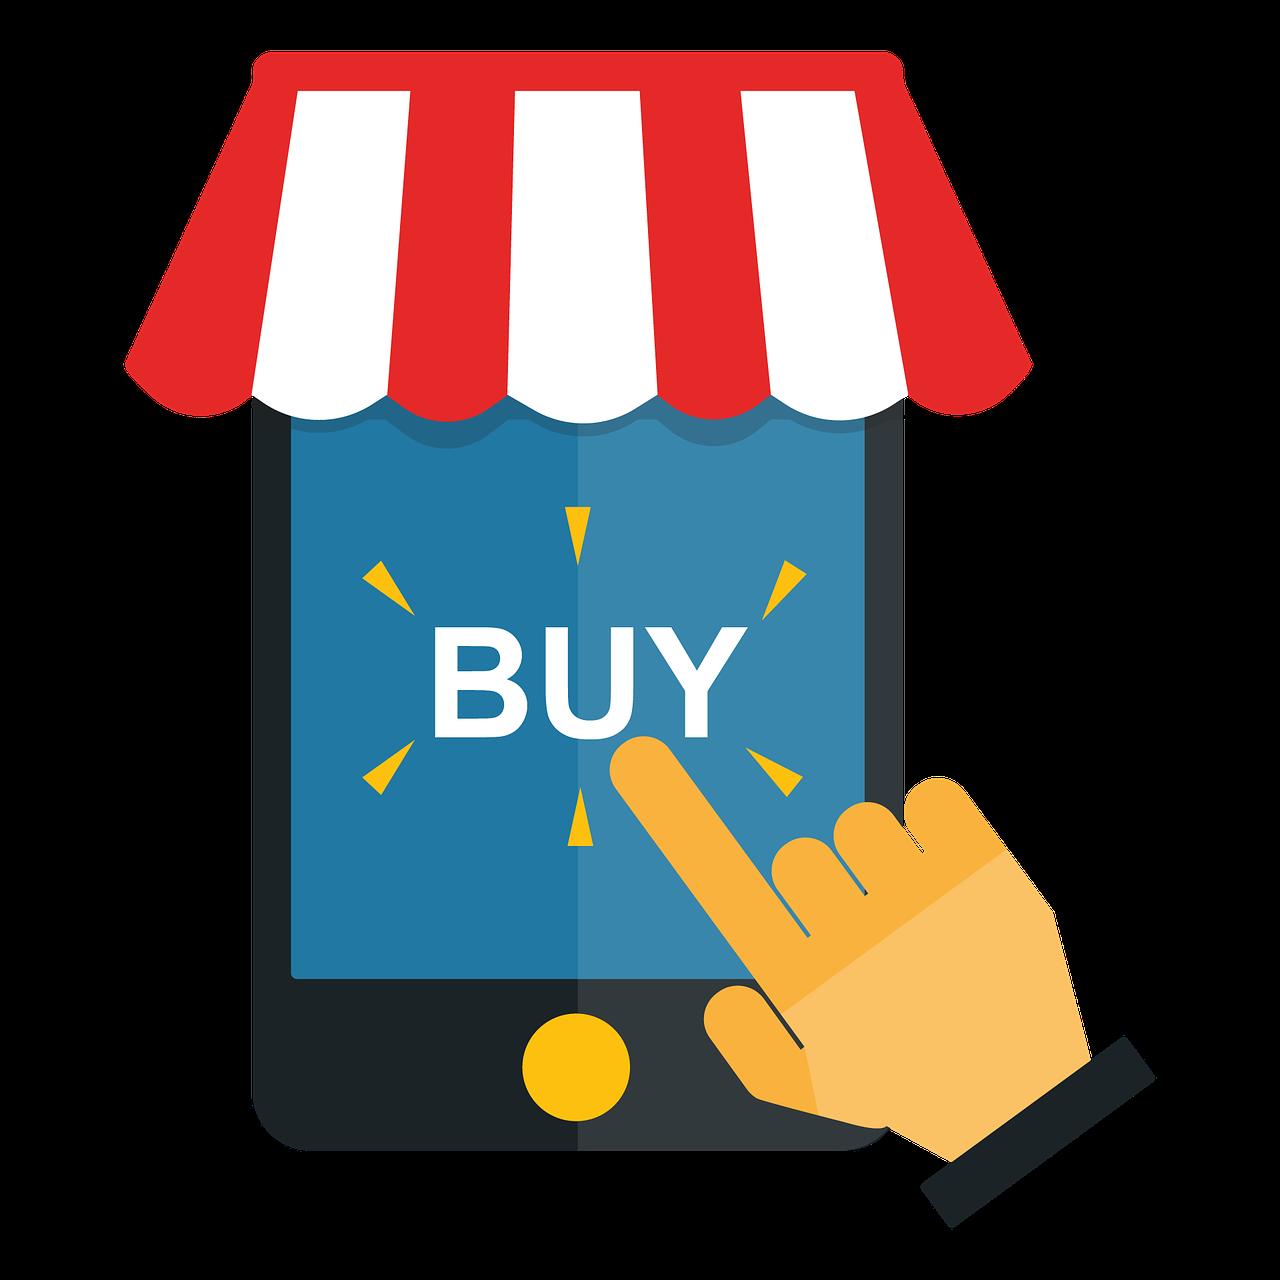 la tendencia de las compras a traves del smartphone continuara subiendo durante 2017